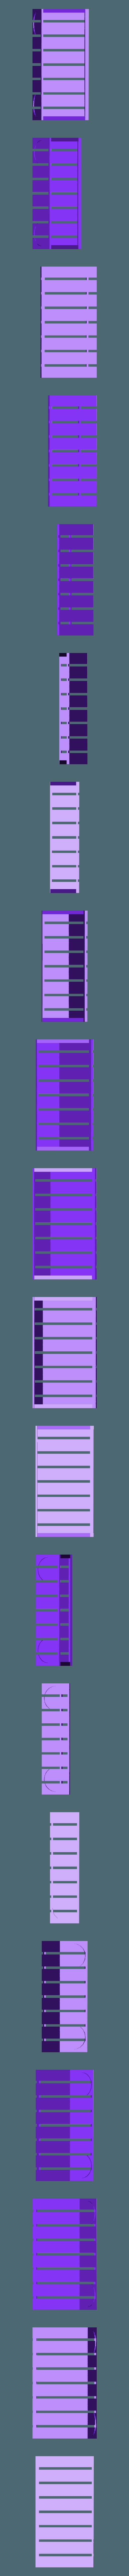 Magnetic_Tray_v2.stl Télécharger fichier STL gratuit Plateau magnétique pour tableau blanc • Design à imprimer en 3D, MakerMathieu